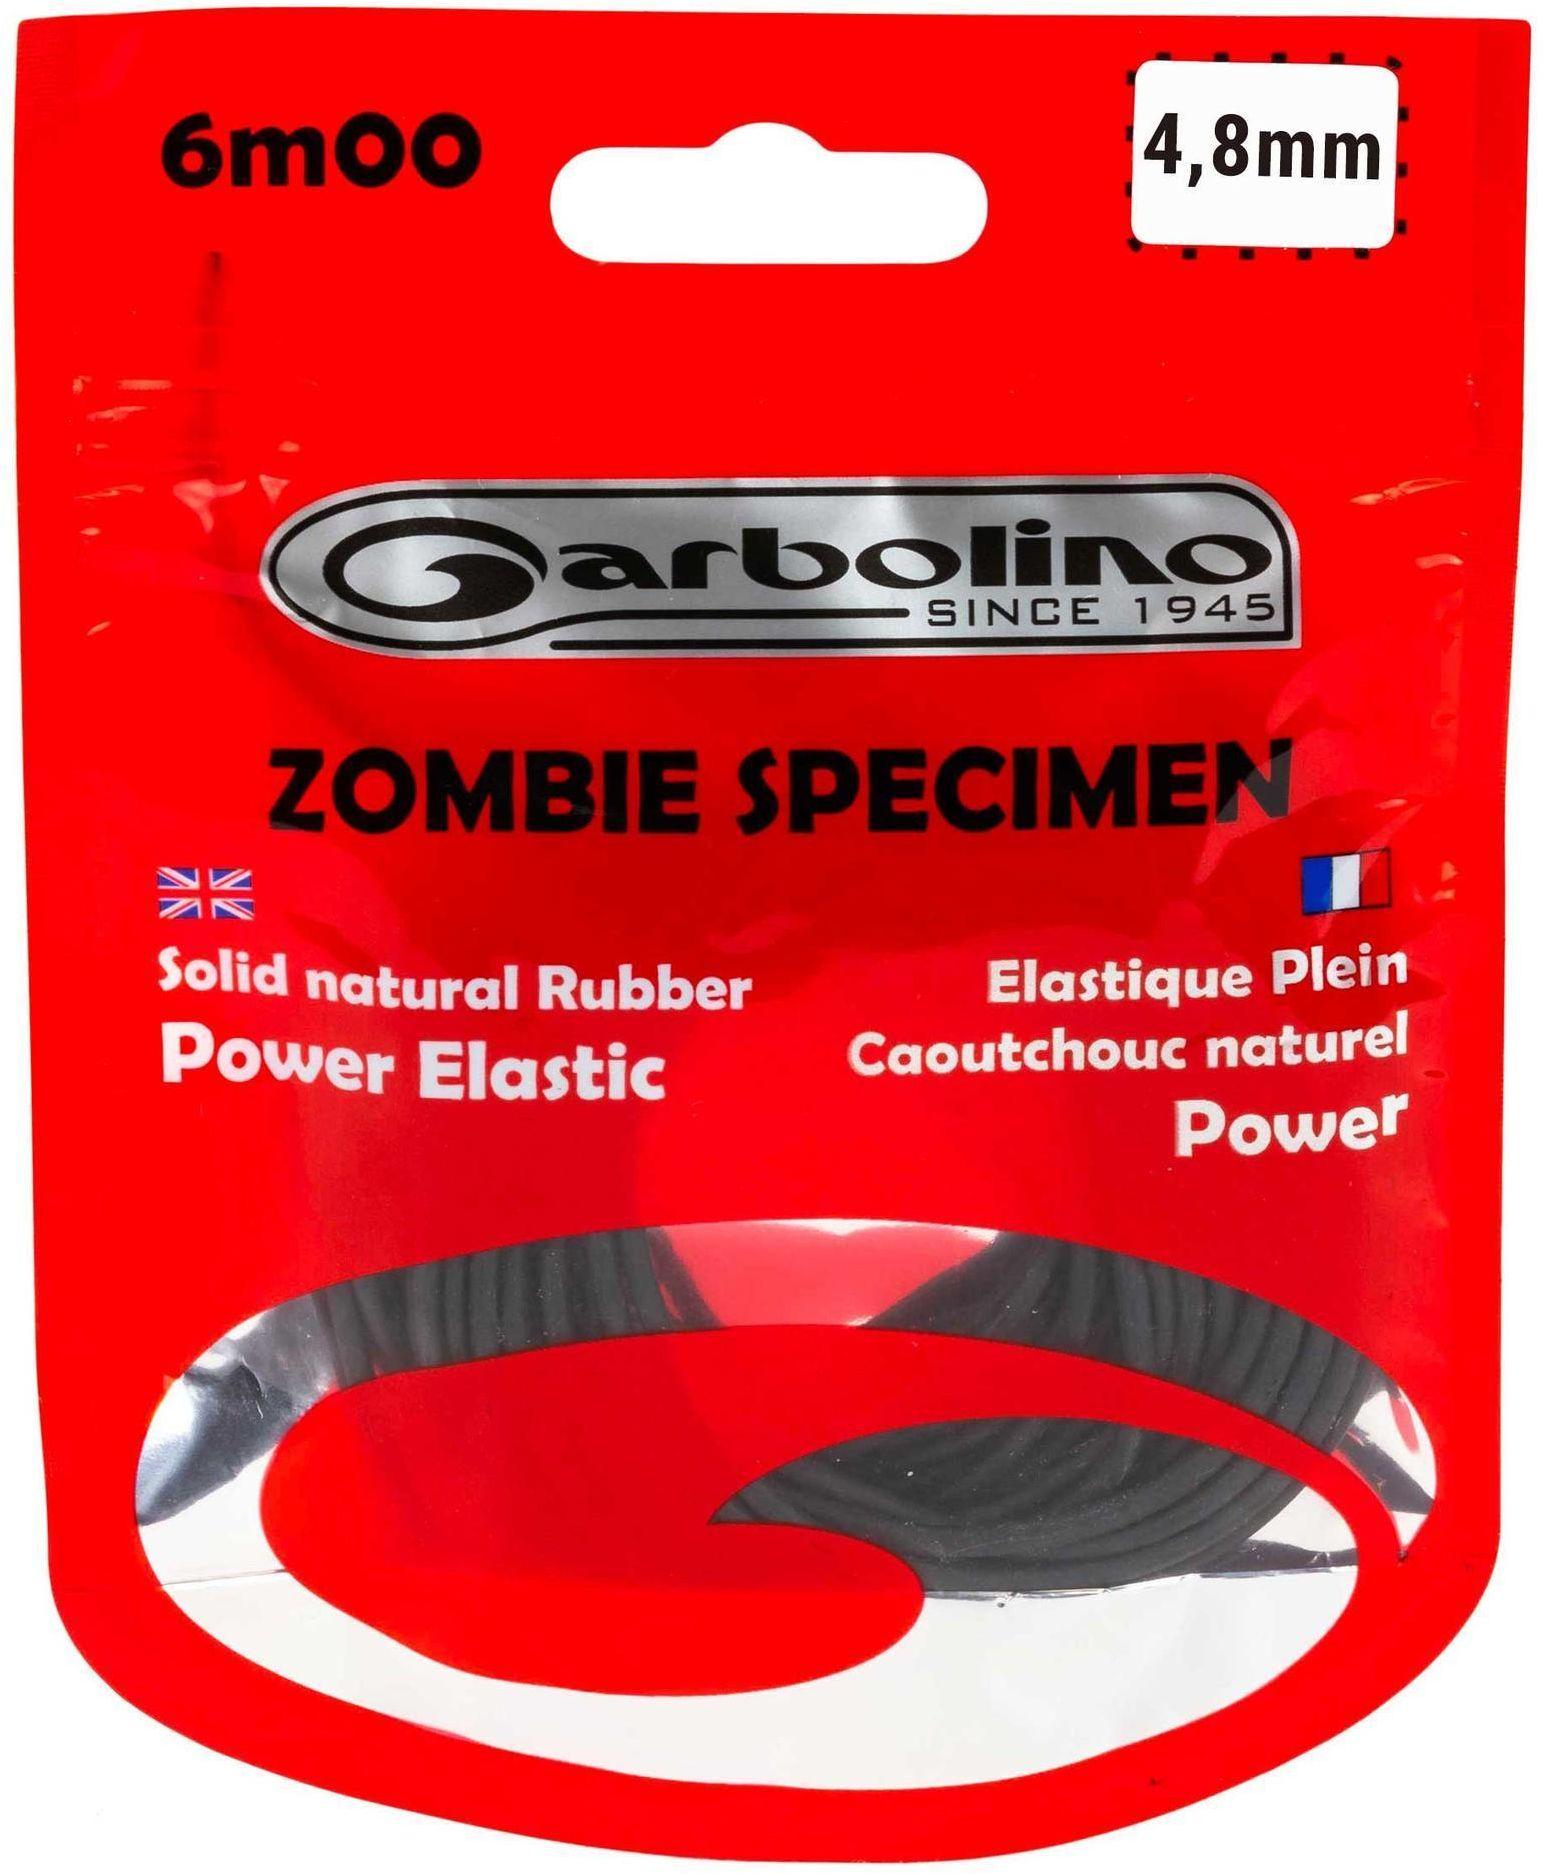 Guma Pełna Zombie Specimen 4,8 Mm